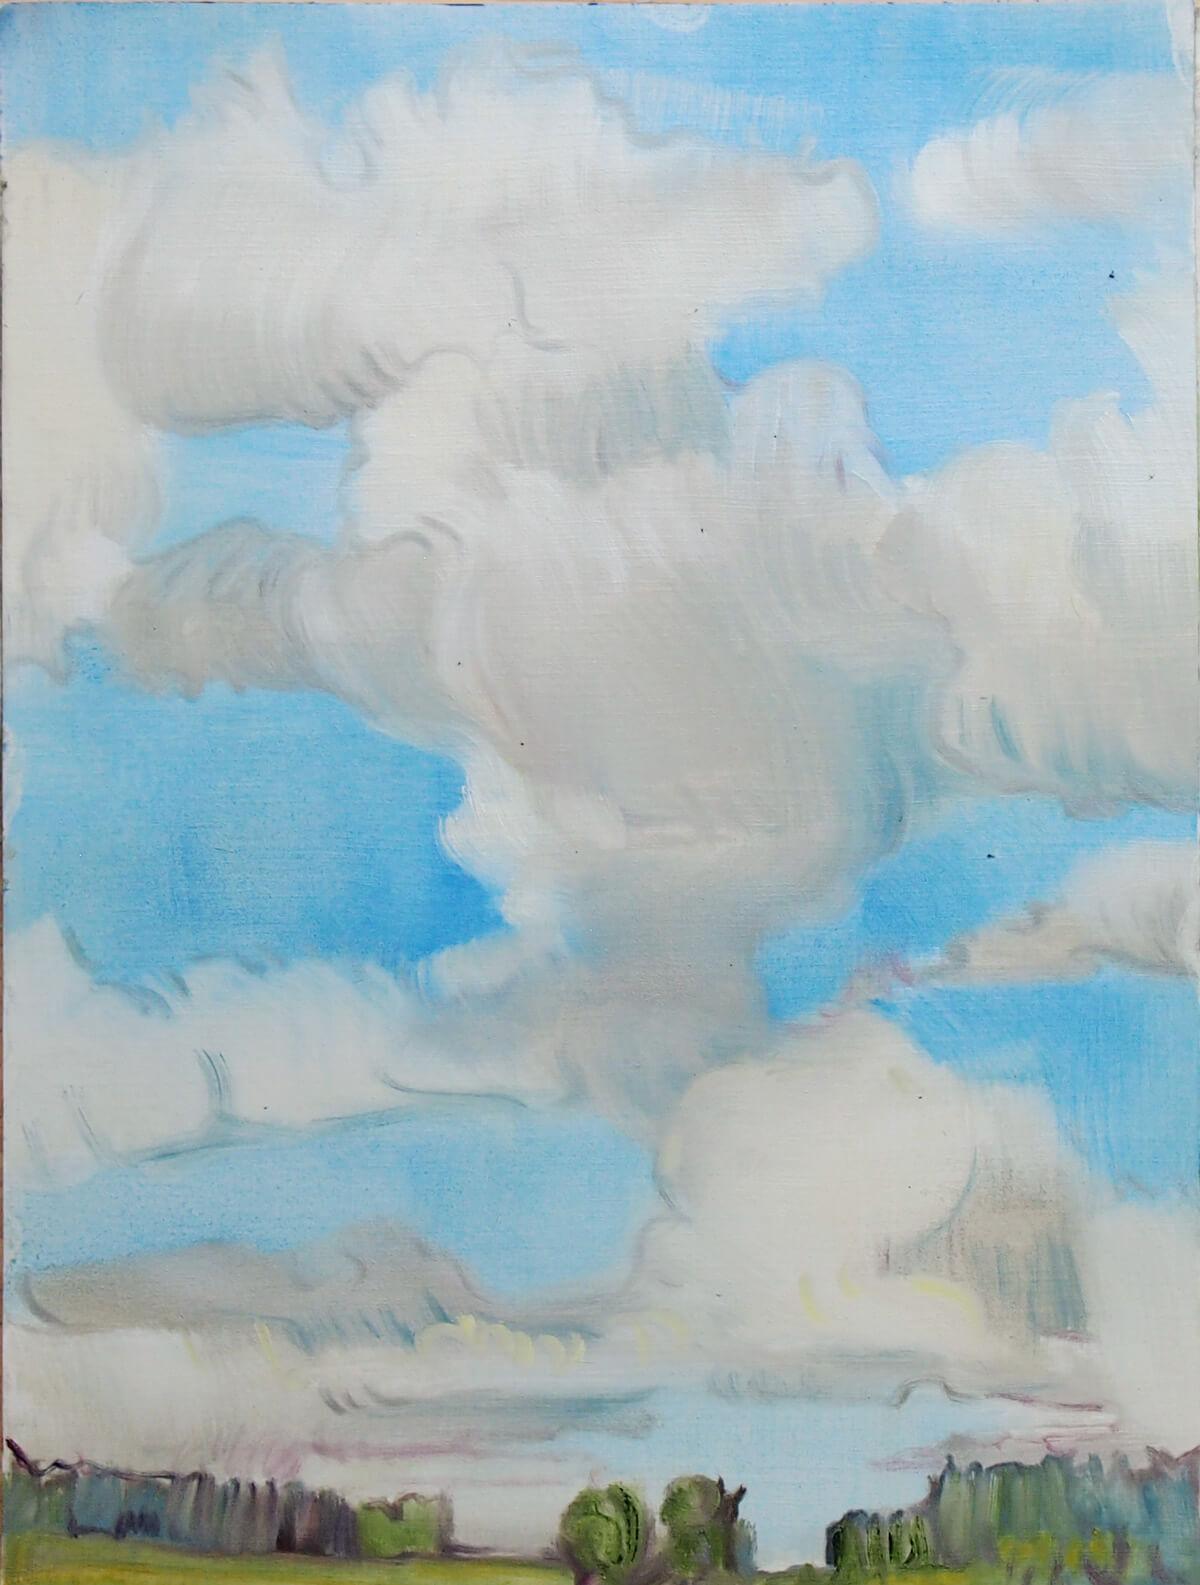 Landschaftsmalerei, en plein air, Freilichtmalerei, Wolken, Öl auf Leinwand, Tanja Leodolter, Künstlerin